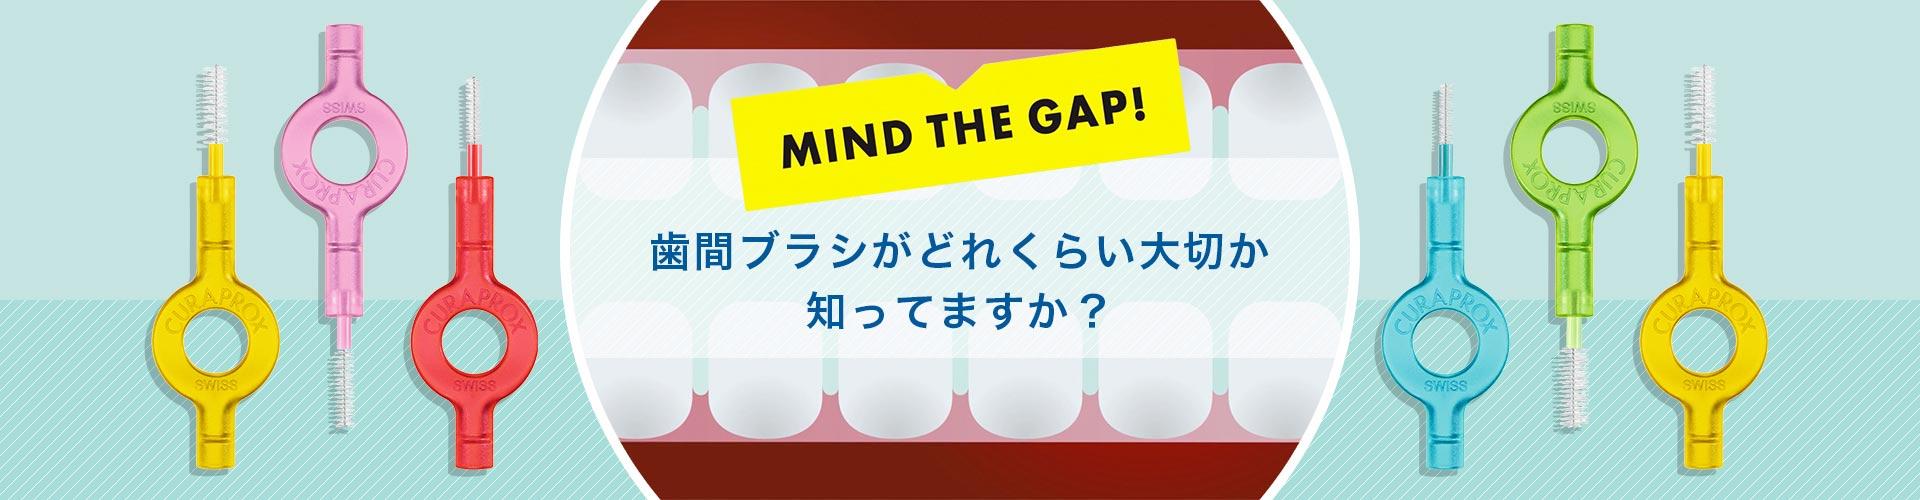 歯間ブラシ特集 歯間ブラシがどれくらい大切か知っていますか?